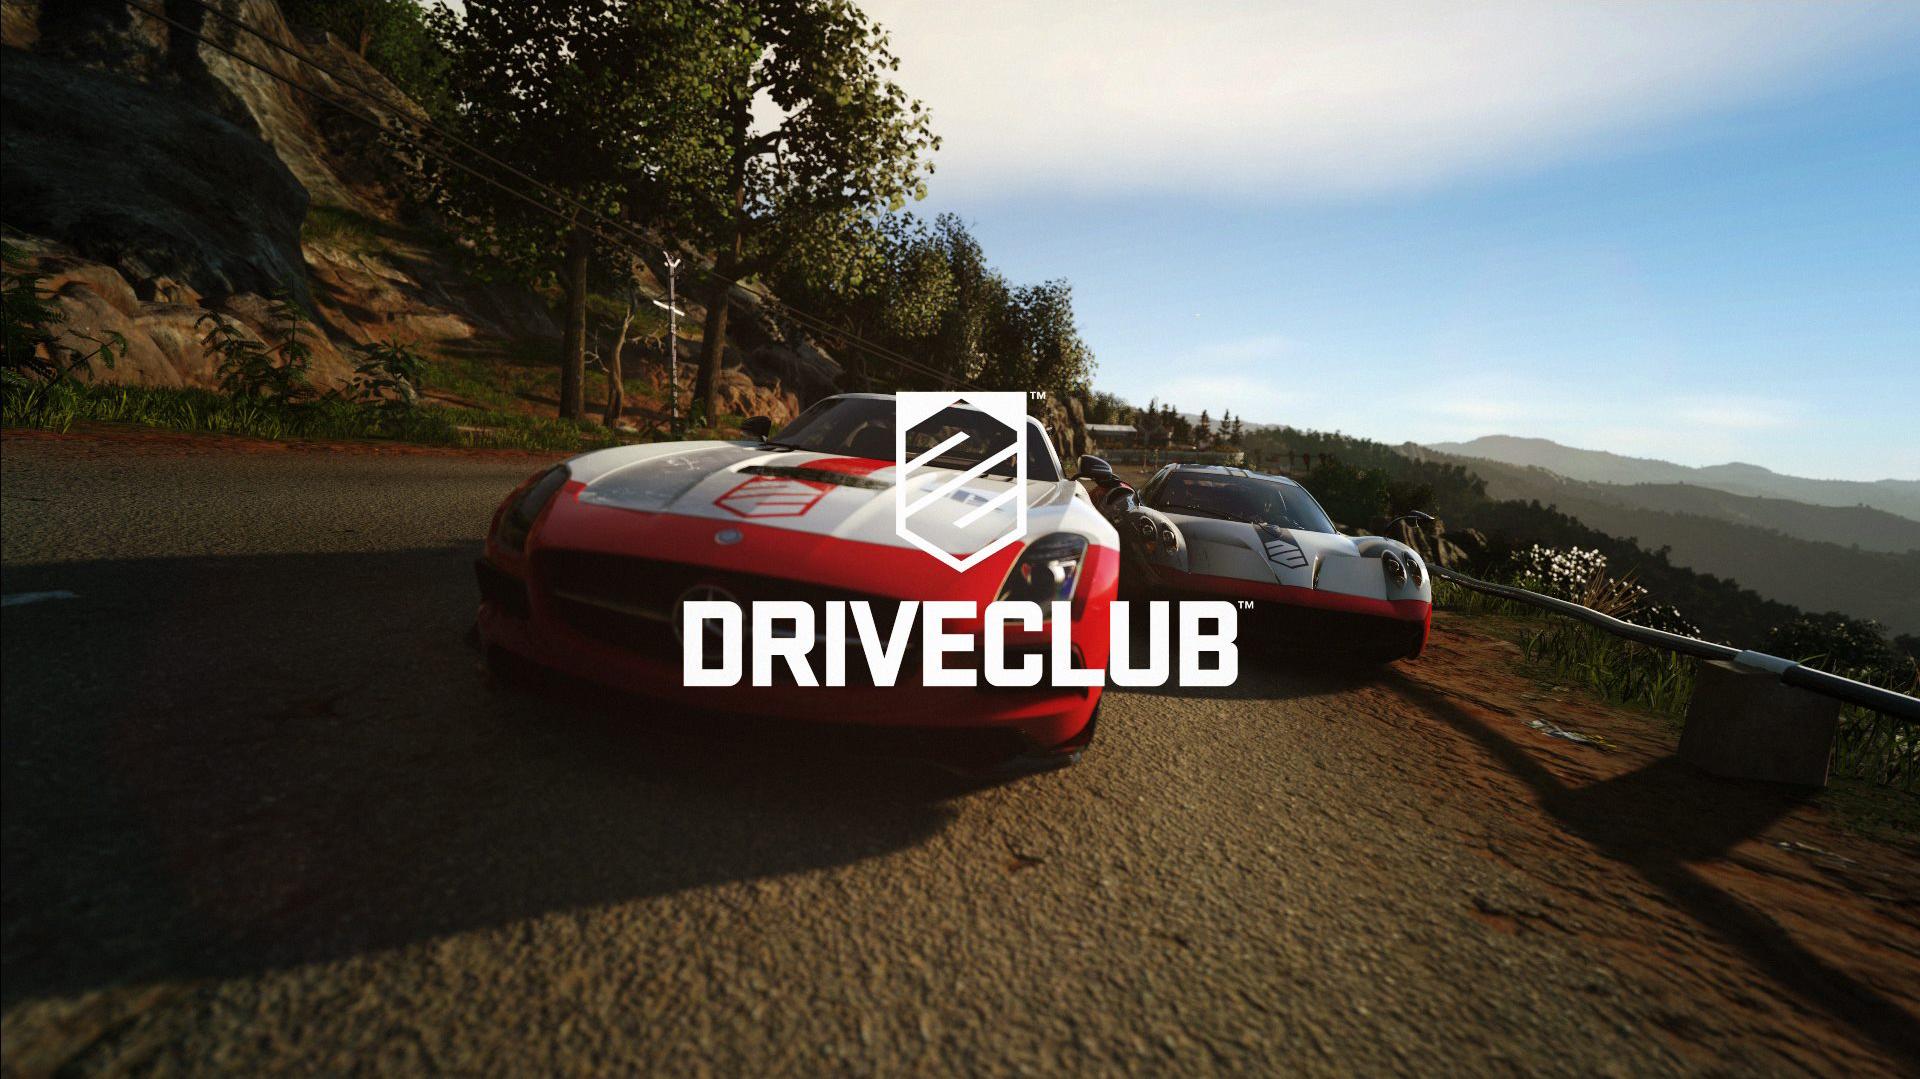 《驾驶俱乐部》 2020年停服 全线游戏今年8月下架